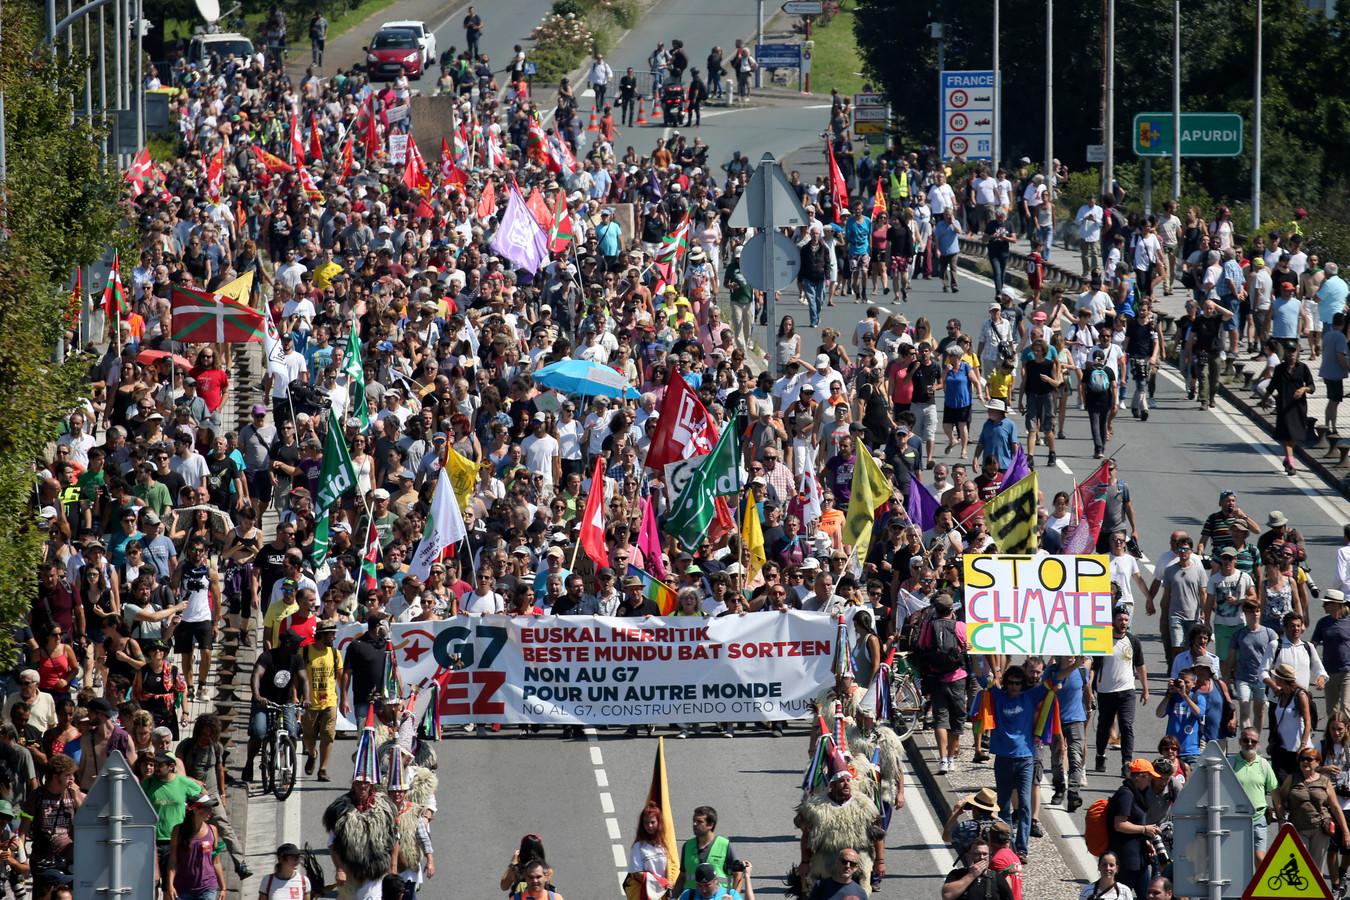 Anti-G-7 activisten zijn alvast begonnen aan hun protest in Hendaye, vlak bij Biarritz waar zeven wereldleiders vanmiddag samenkomen voor de G7 Top.